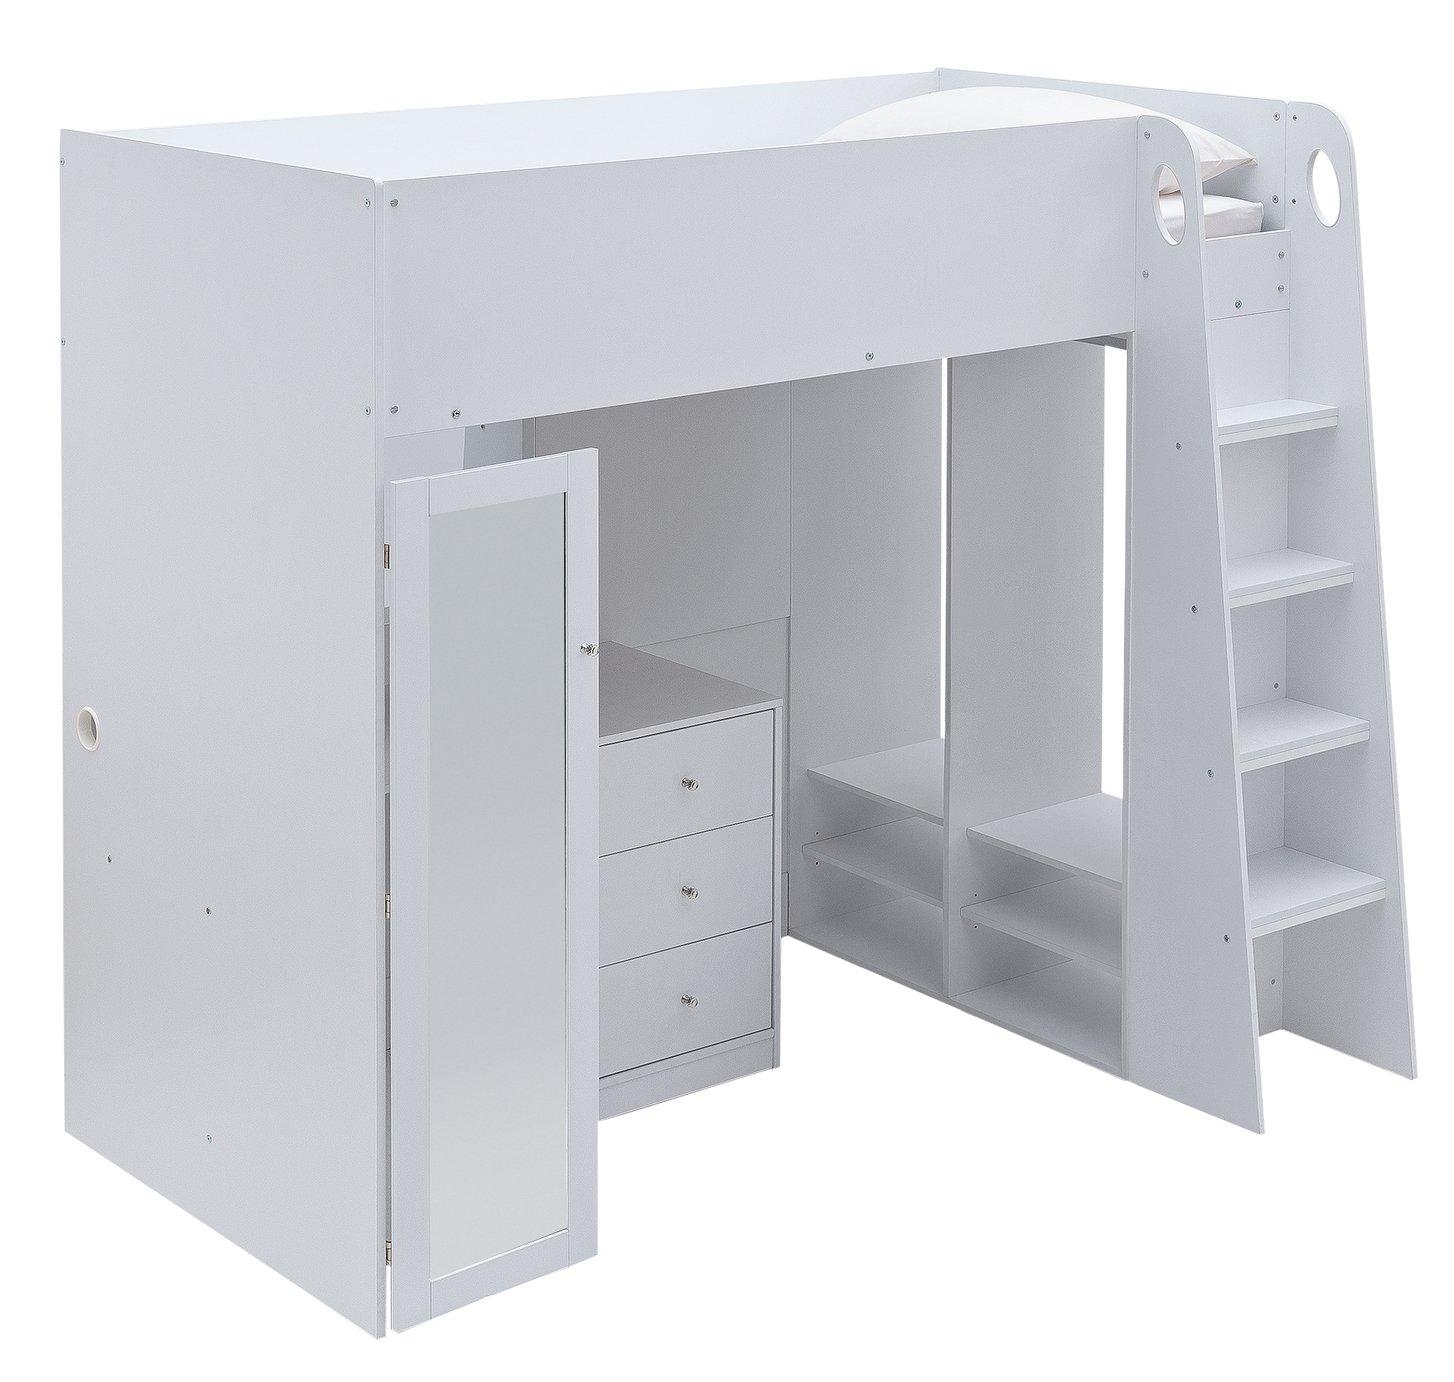 Argos Home Glam High Sleeper Bed & Mattress - White